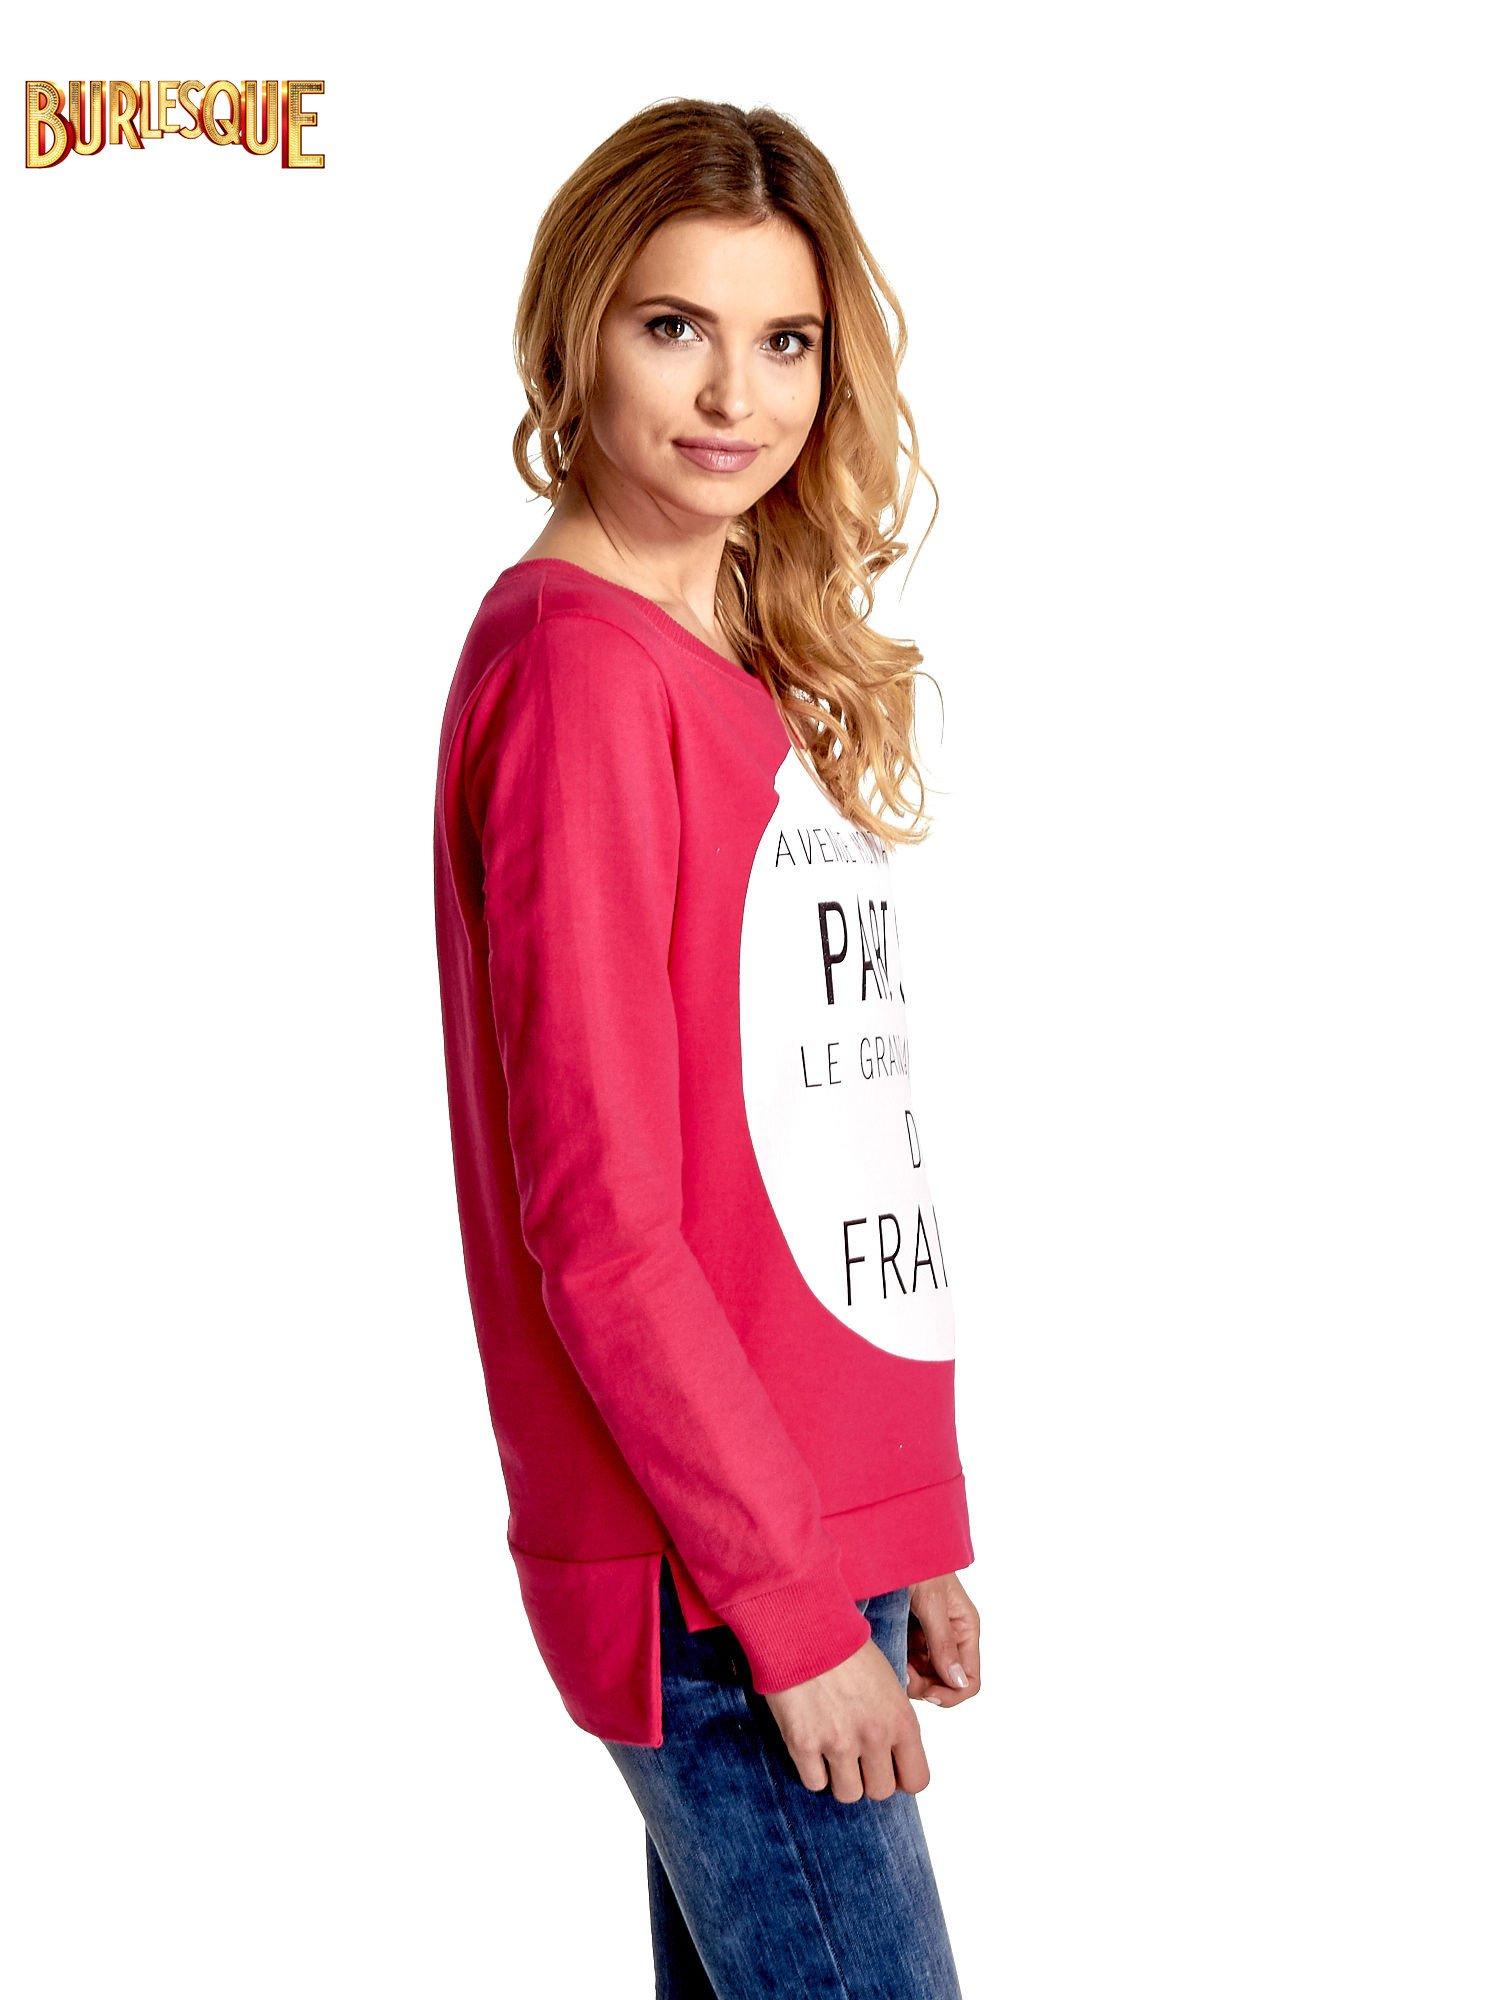 Rózowa klasyczna bluza damska z napisem AVENUE MONTAIGNE                                  zdj.                                  3